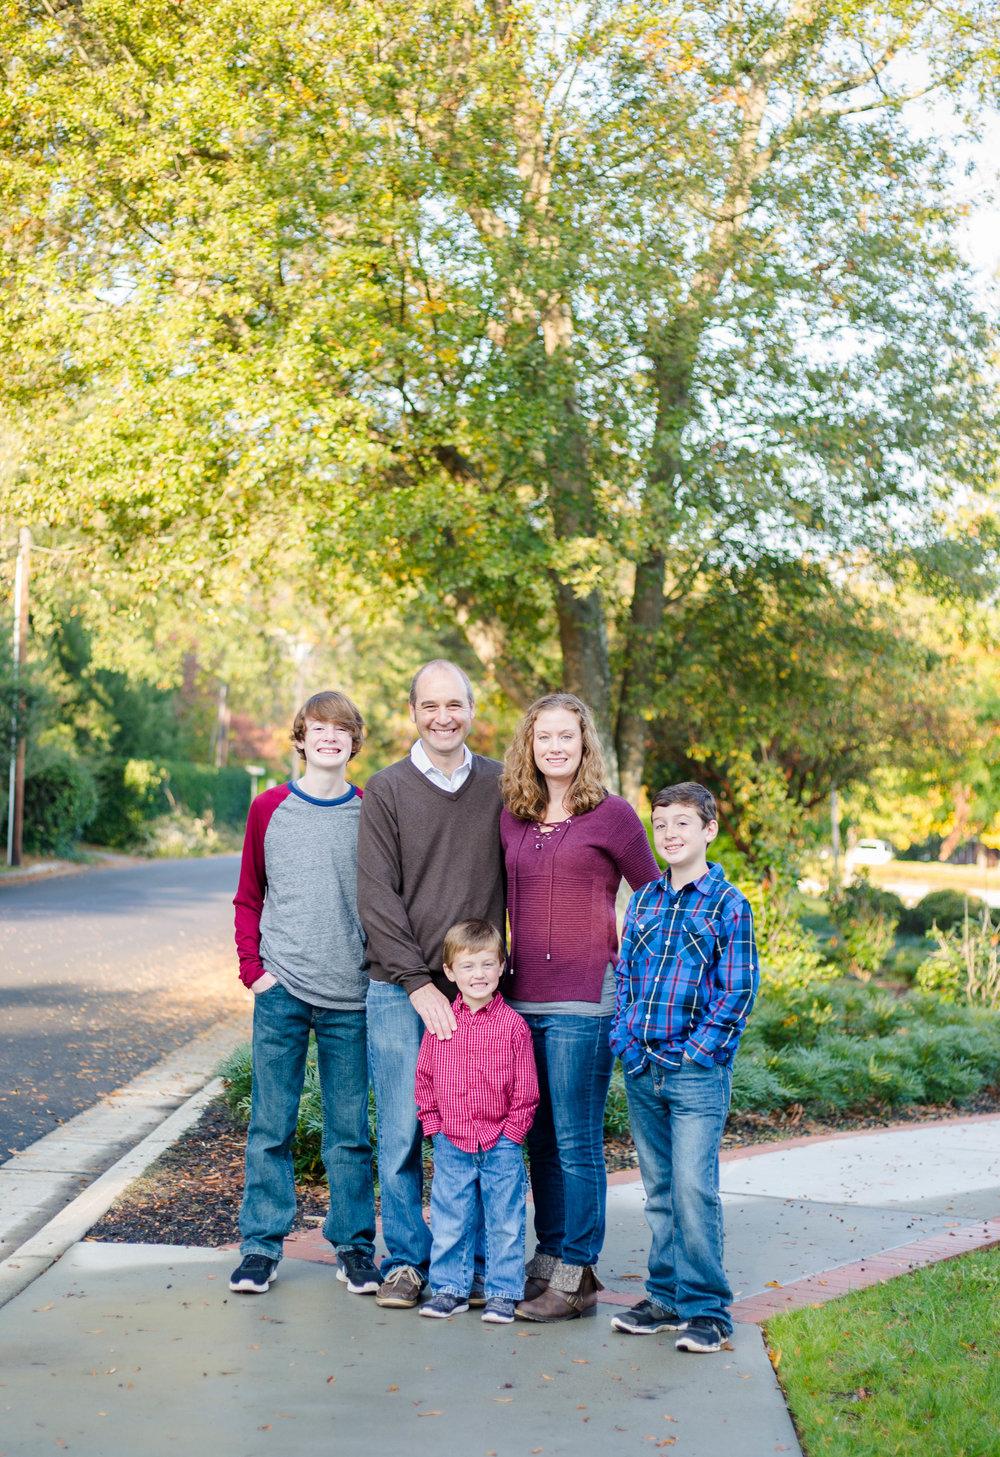 andersonscfamilypictures-11.jpg